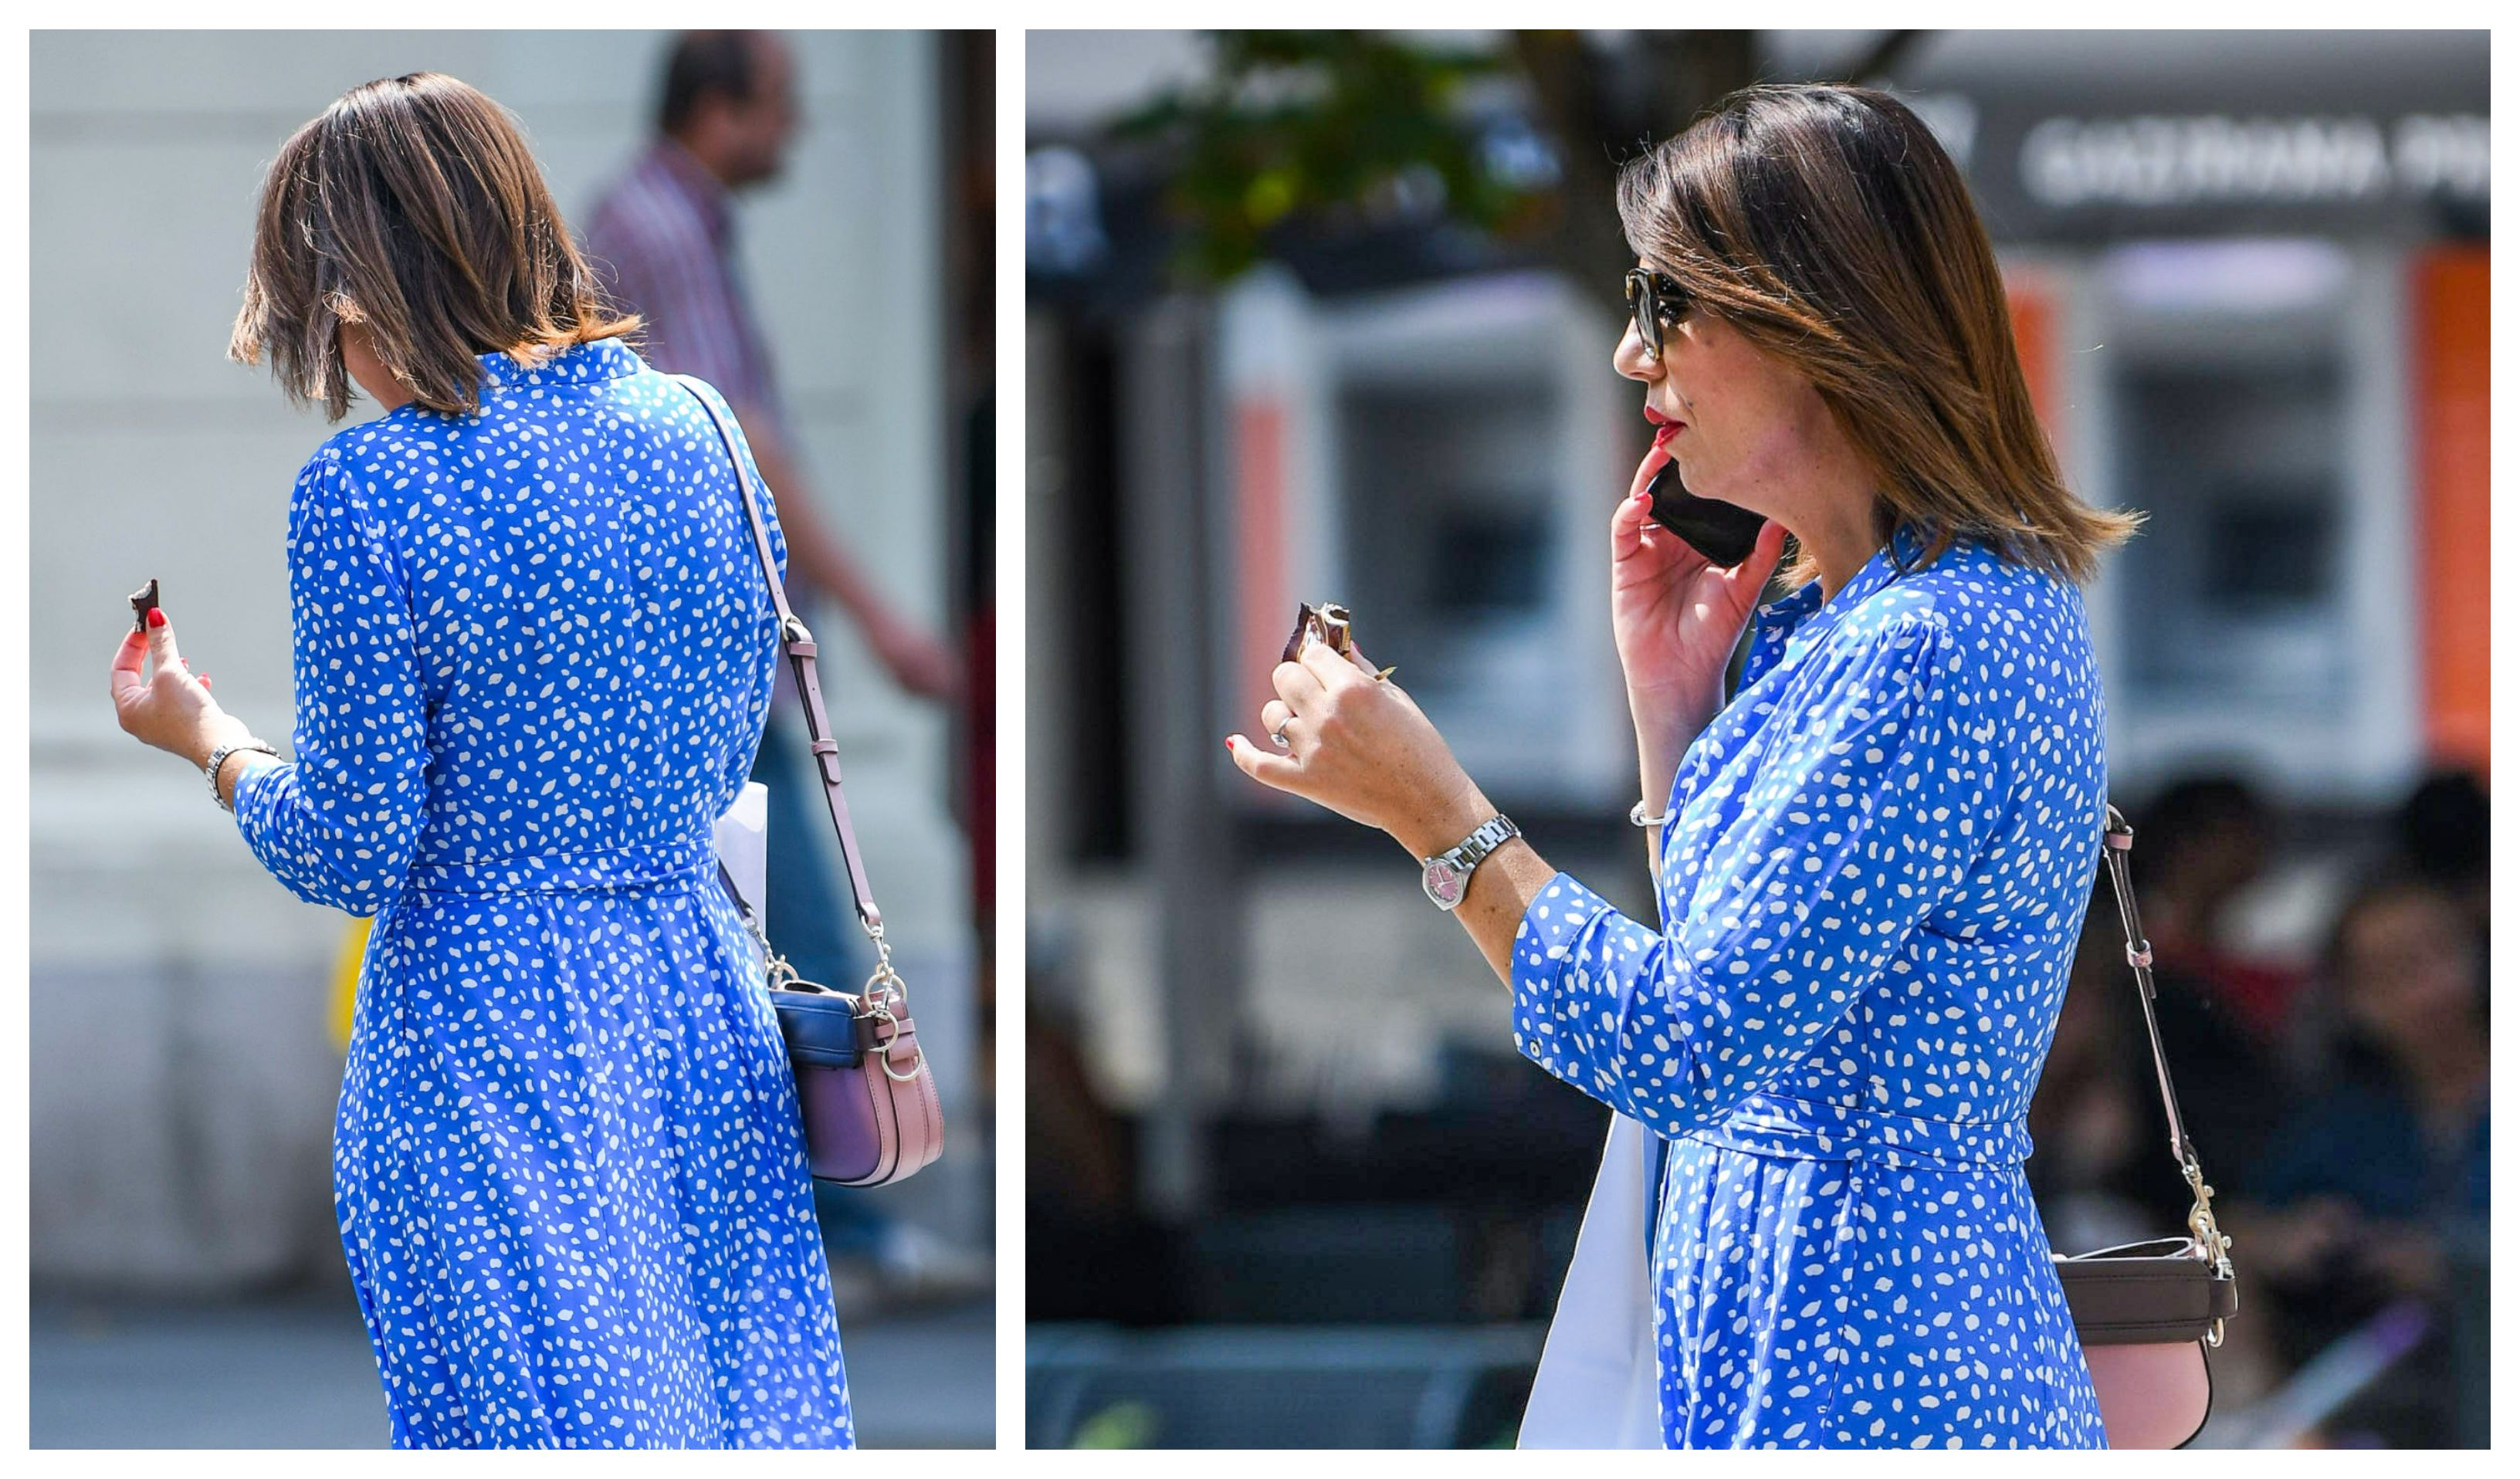 Njena haljina i odlične štikle ukrale su show na zagrebačkom Cvjetnom